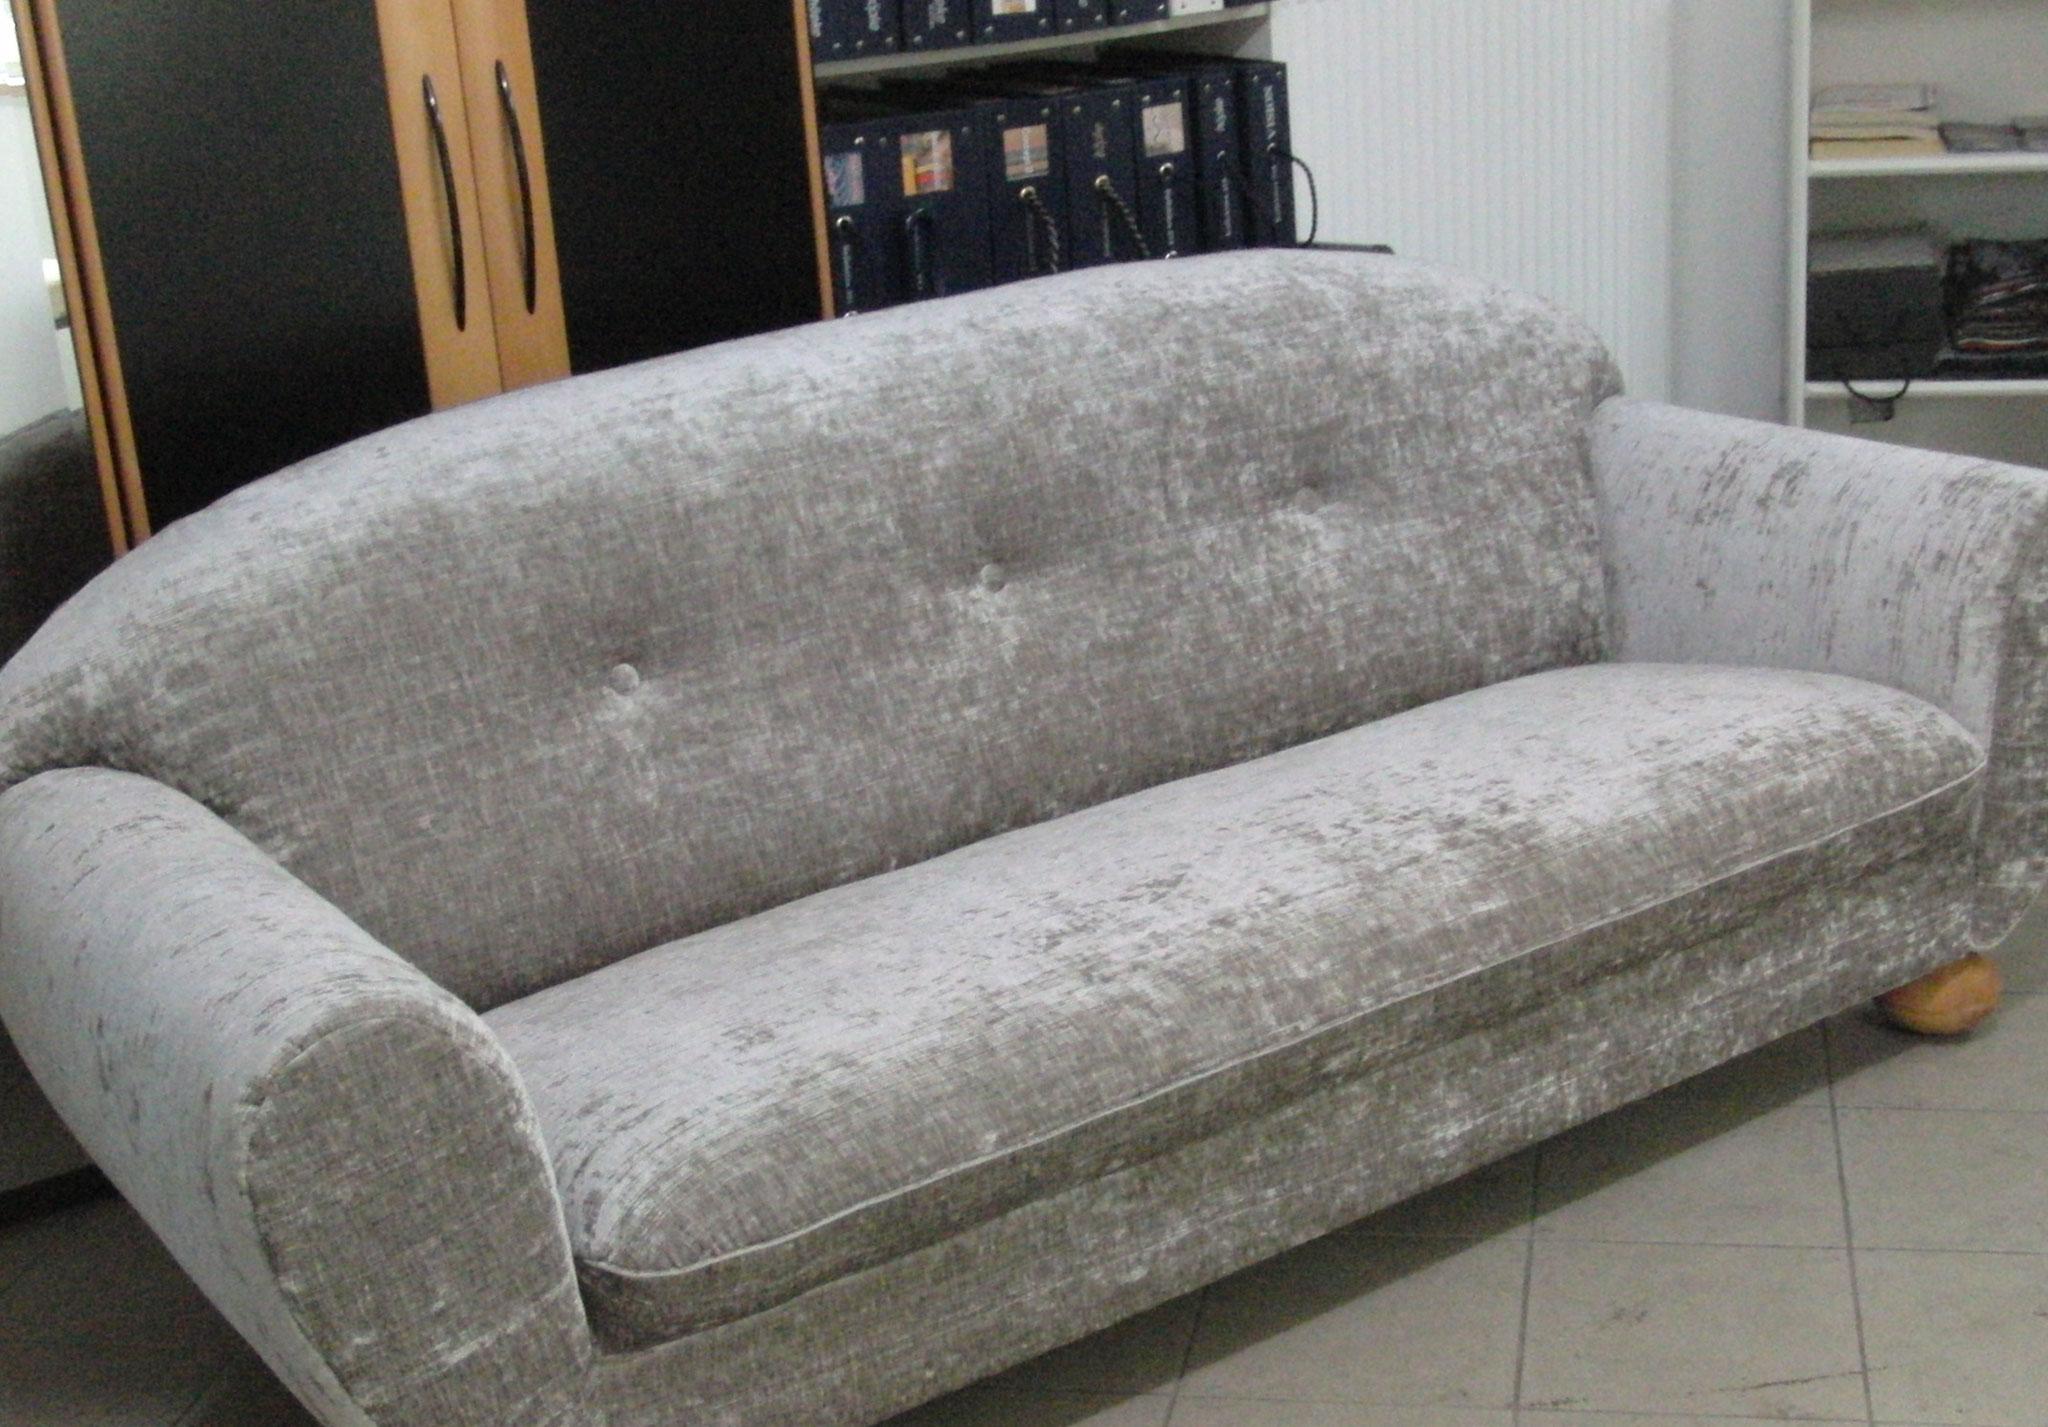 Sofa aufgepolstert und bezogen